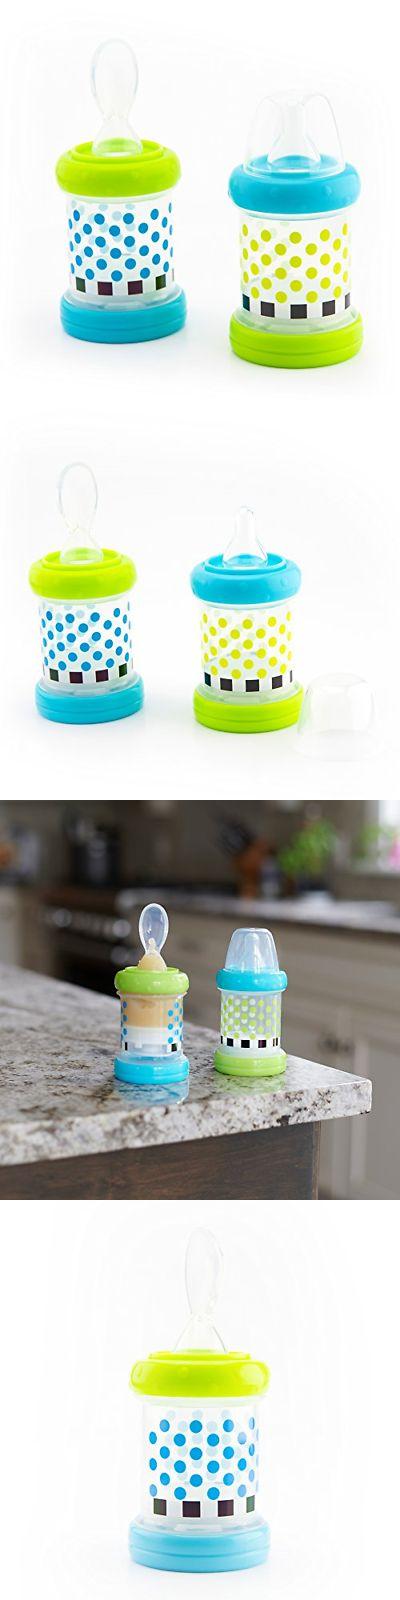 Baby Cereal Feeder Bottles Food Nurser Sassy Baby Set of 2 Count Nipple Spoon